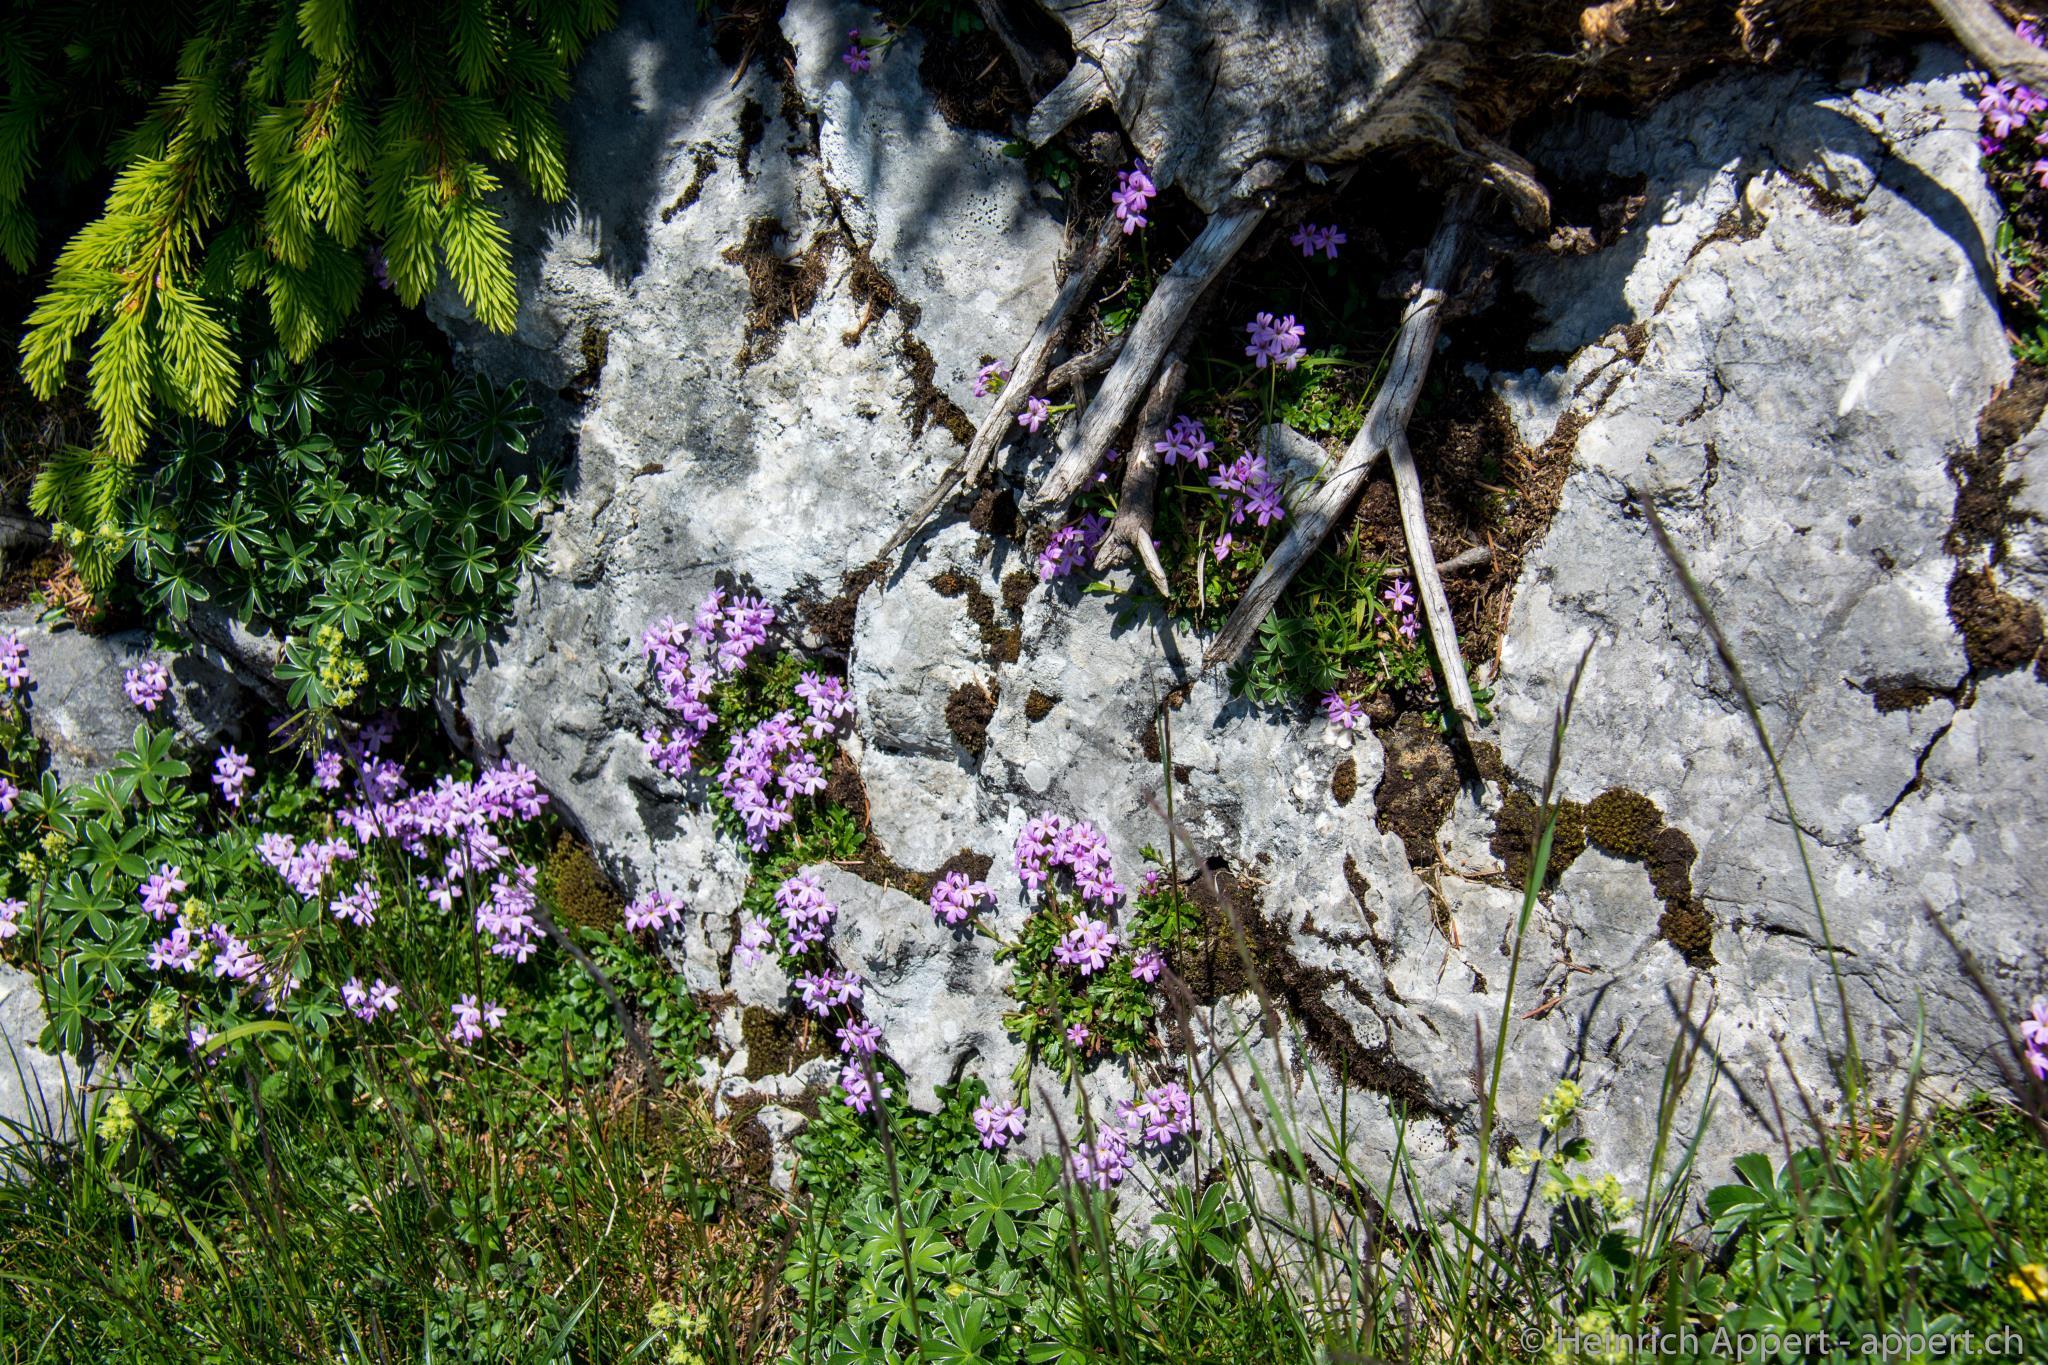 Alpenbalsam am Felsenhang